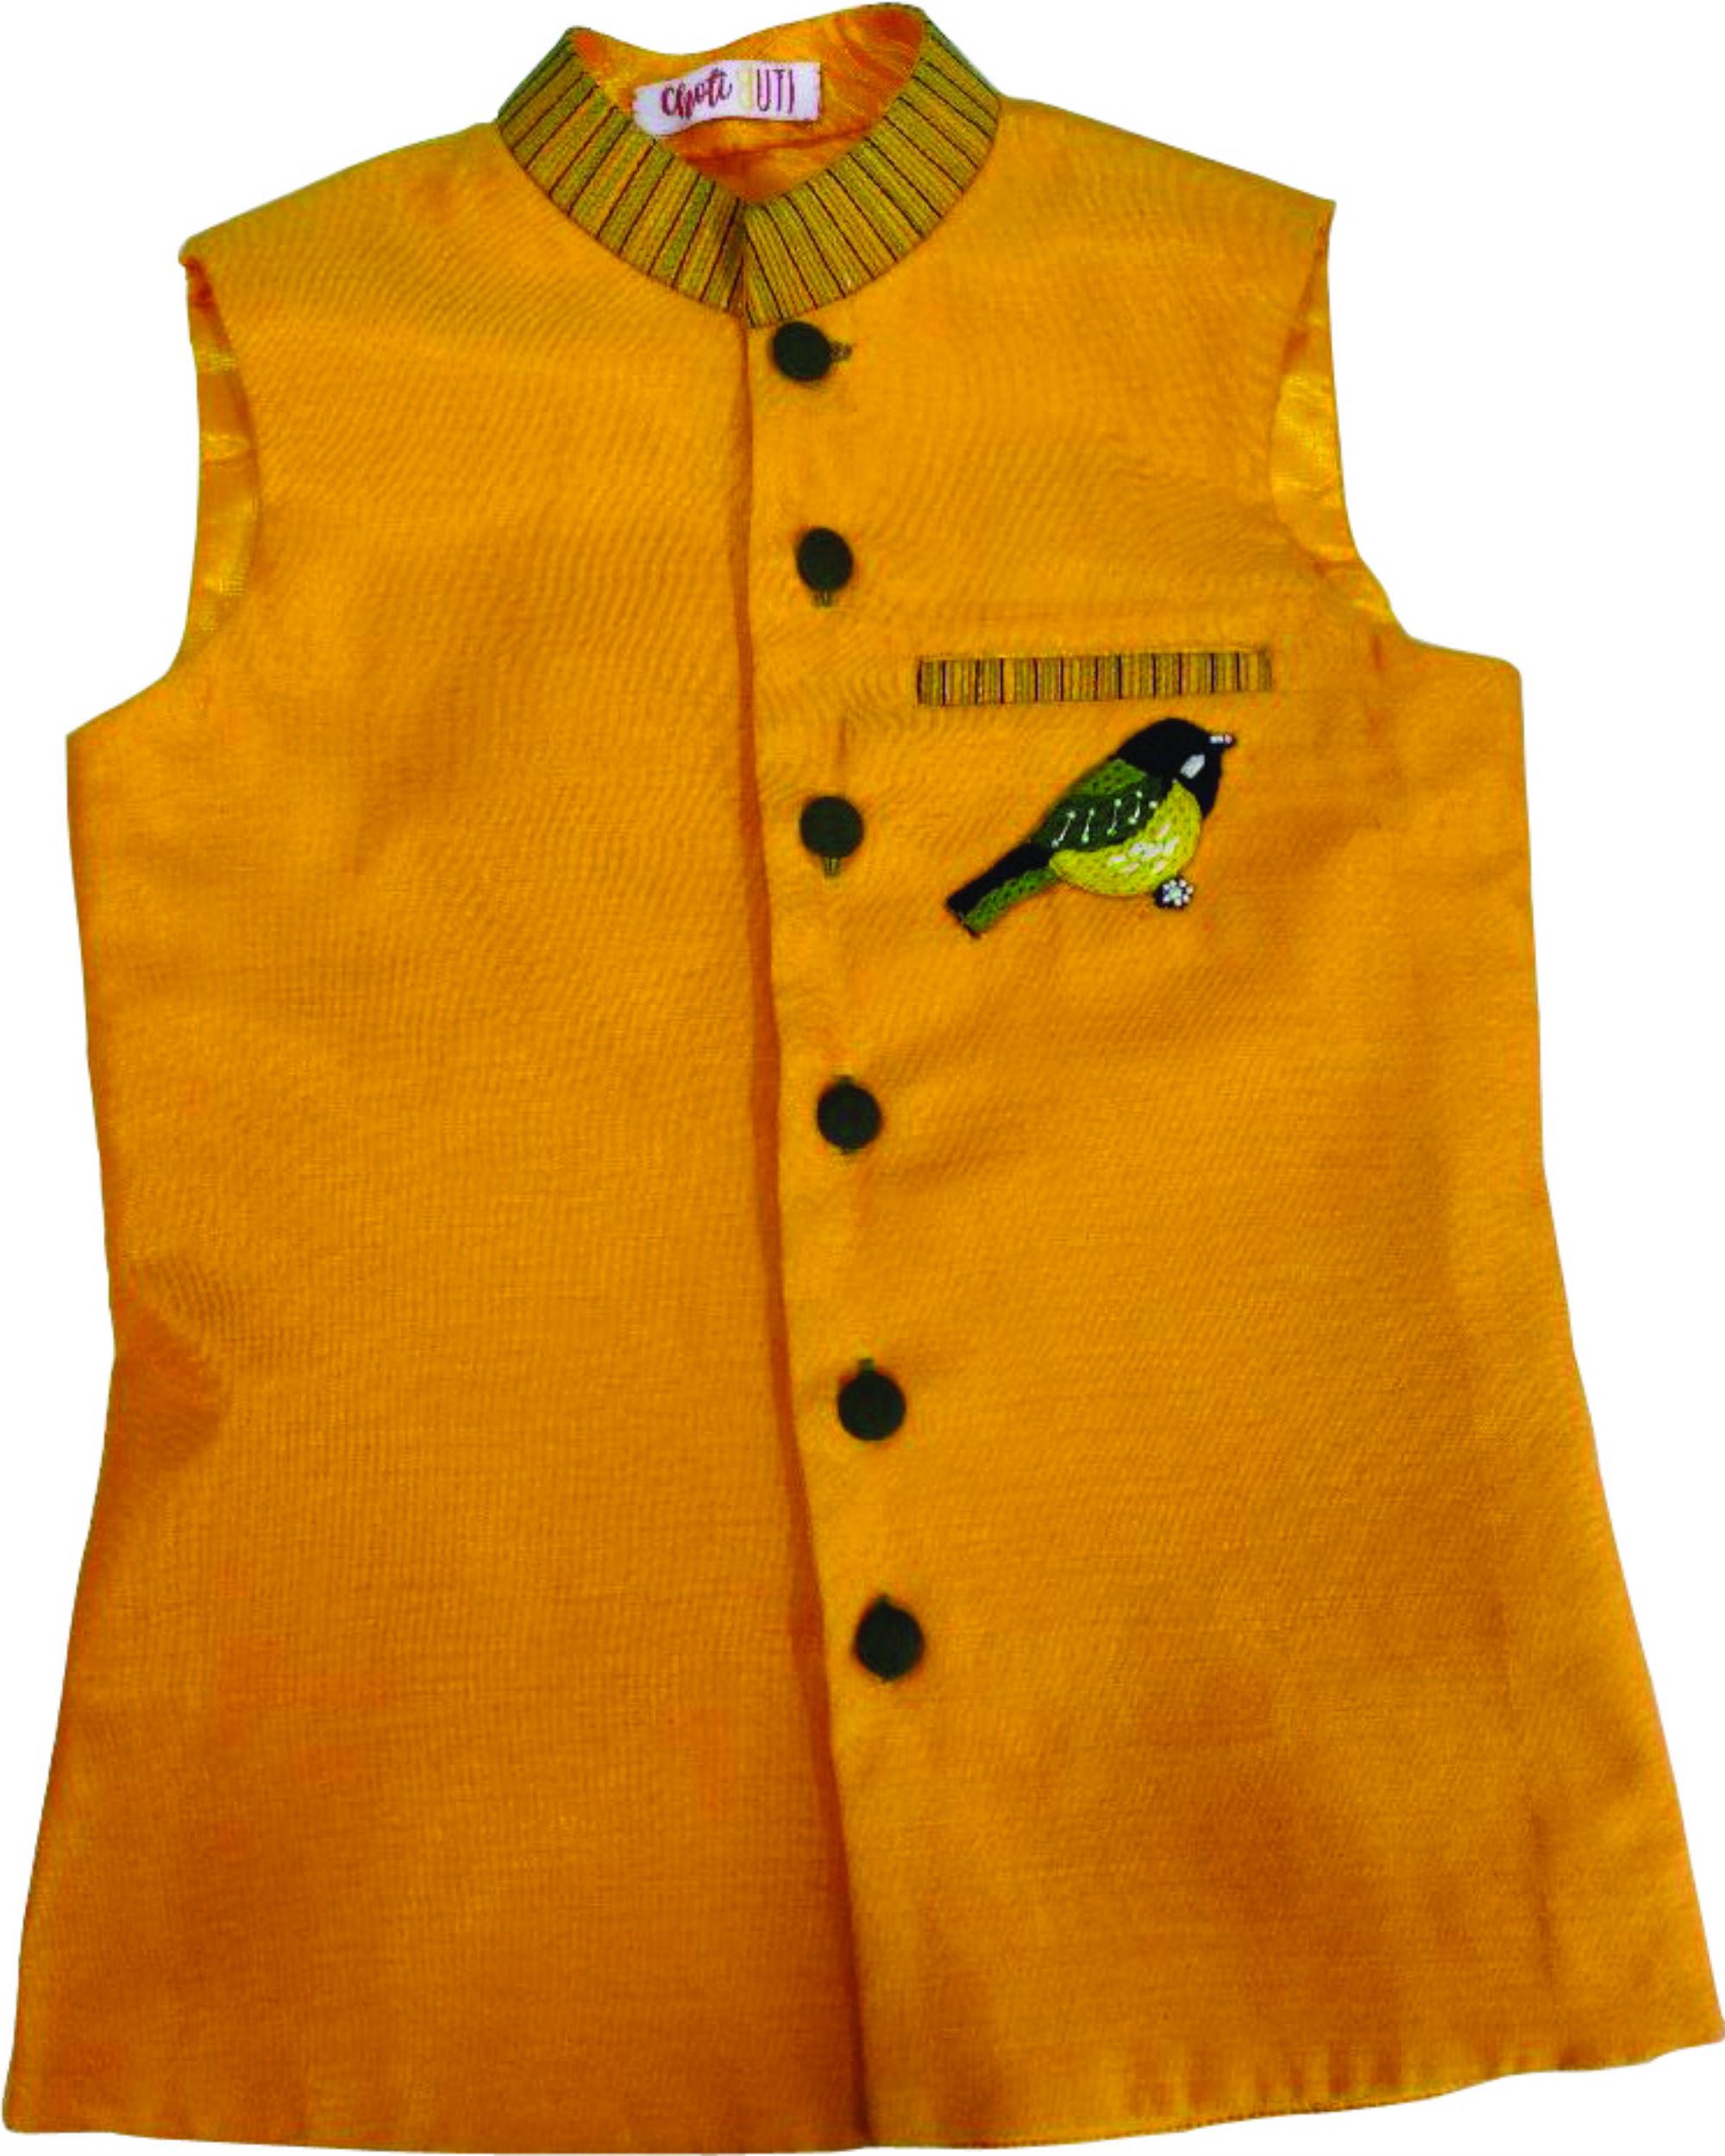 Bandh gala mustard jacket